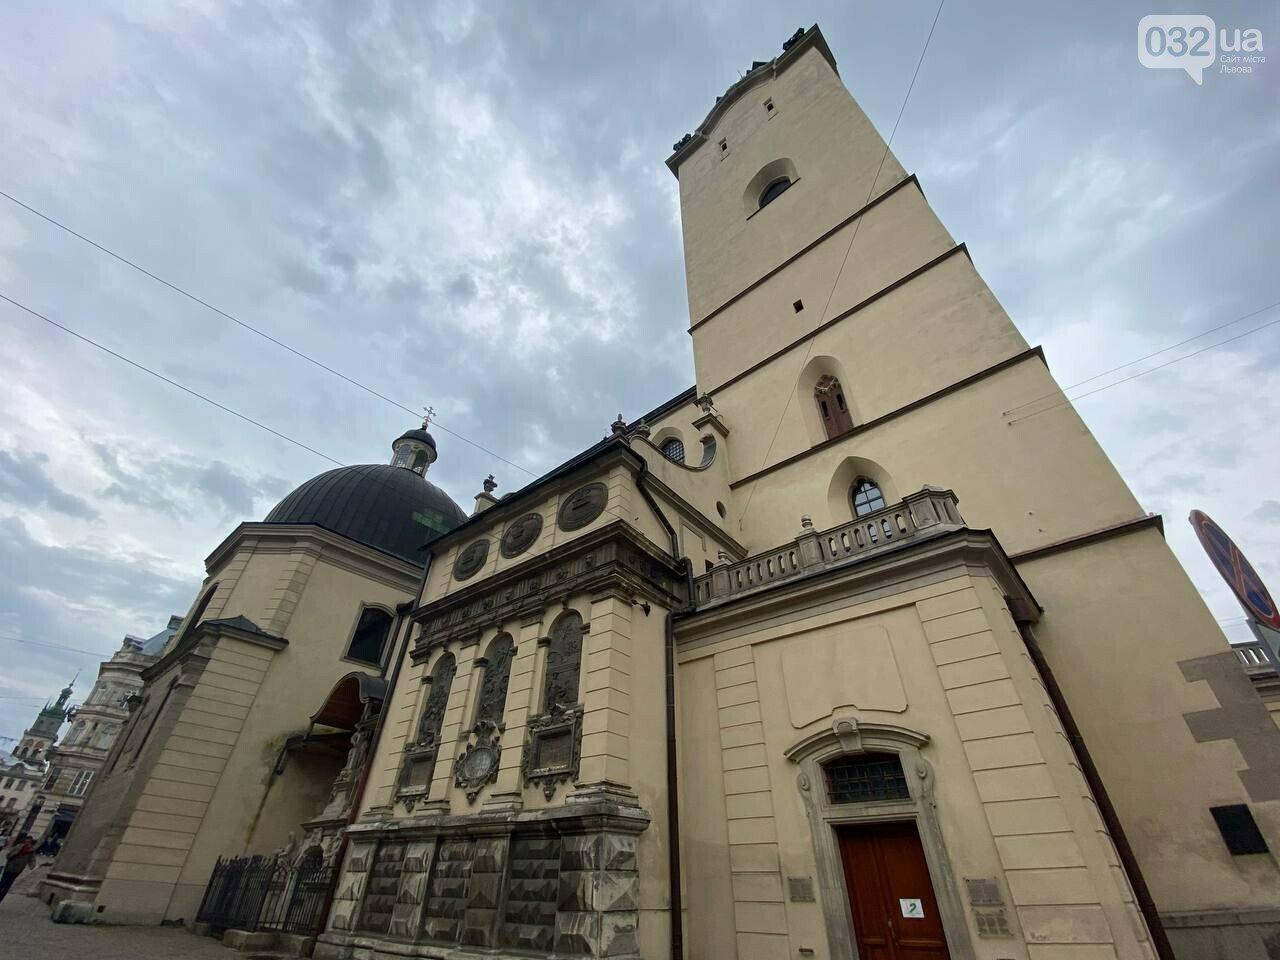 Хмарочоси міста Лева: десять найвищих будівель Львова, - ФОТО, фото-4, Фото: 032.ua